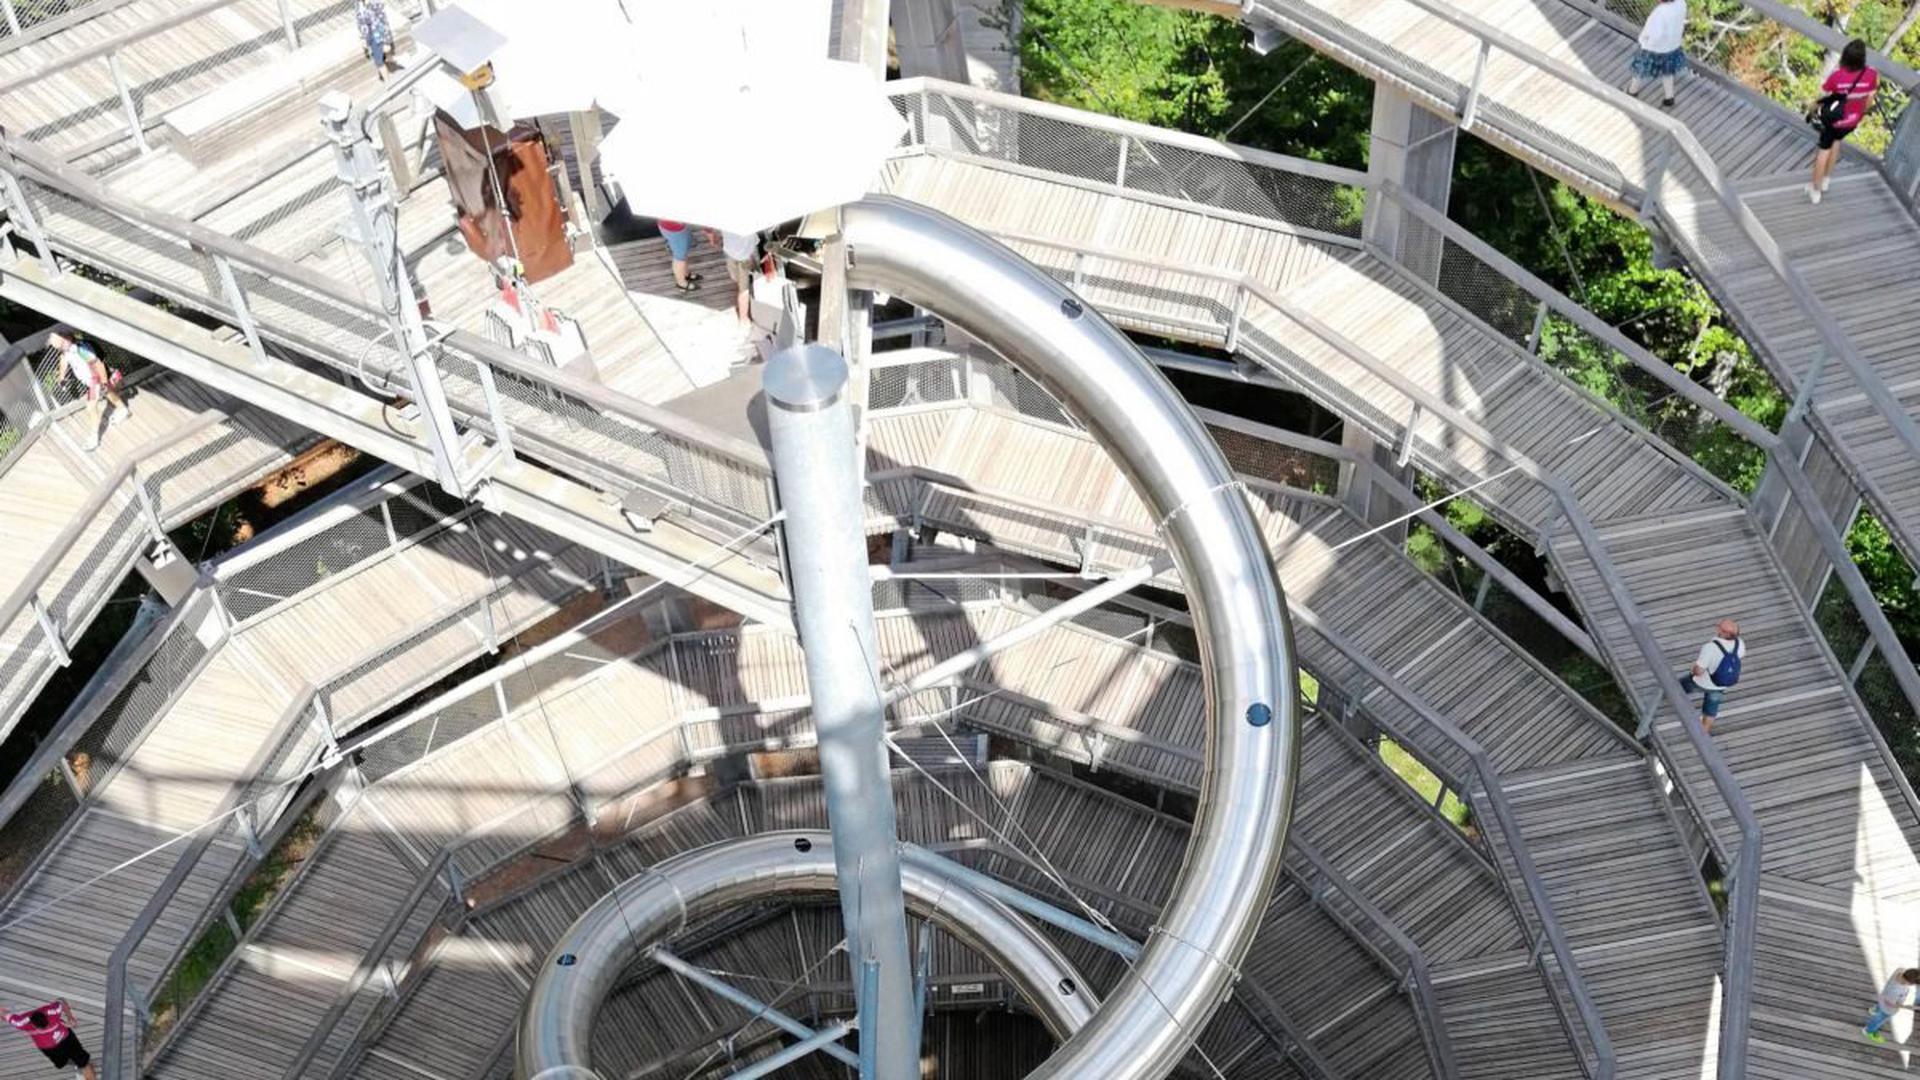 Immer der Nase nach: Der 40 Meter hohe Aussichtsturm in Bad Wildbad bietet einen spektakulären Rundumblick. Das zieht auch Besucher aus dem Ausland an.